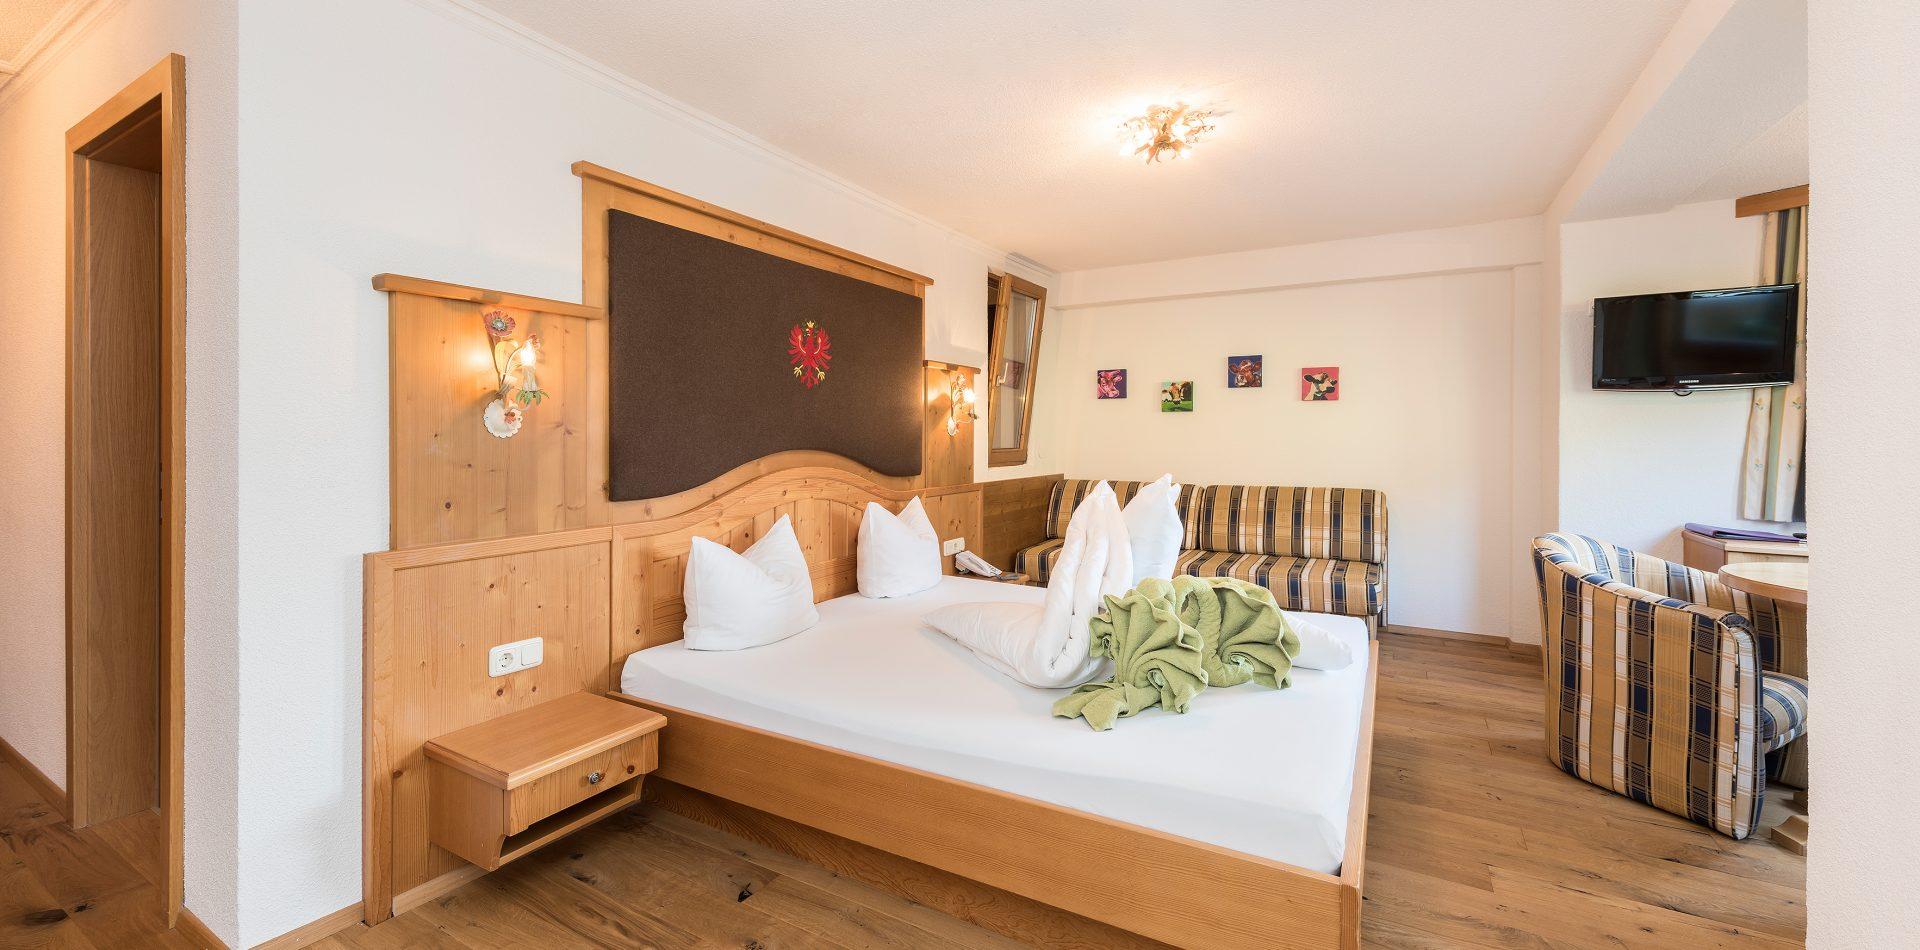 Tirol Zimmer im Hotel Erika in Neustift